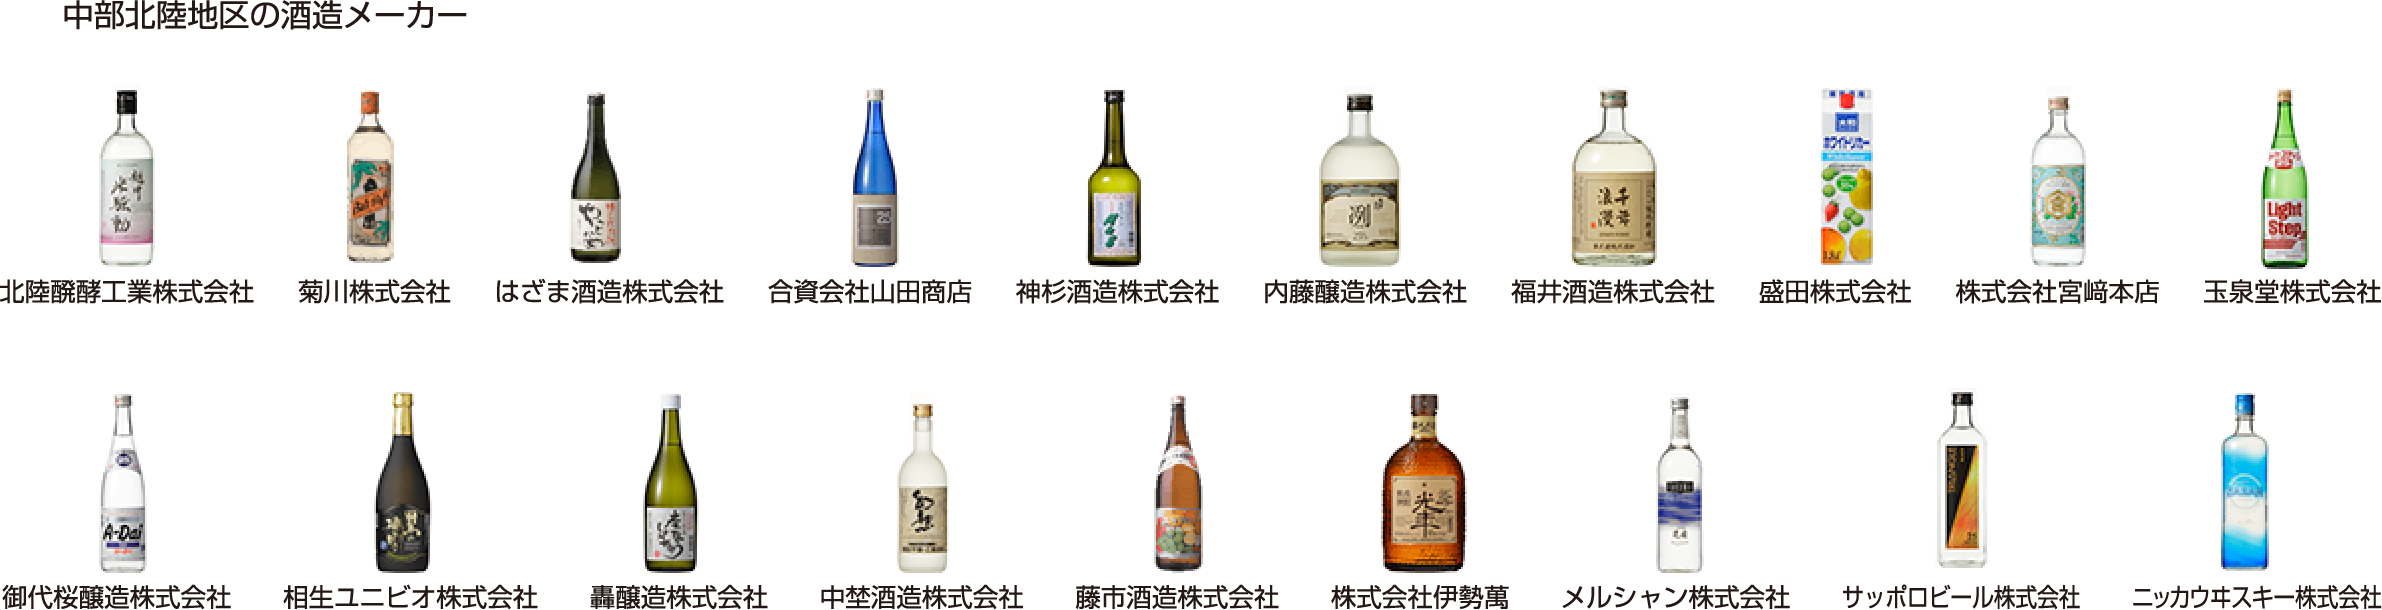 中部北陸地区の酒造メーカー